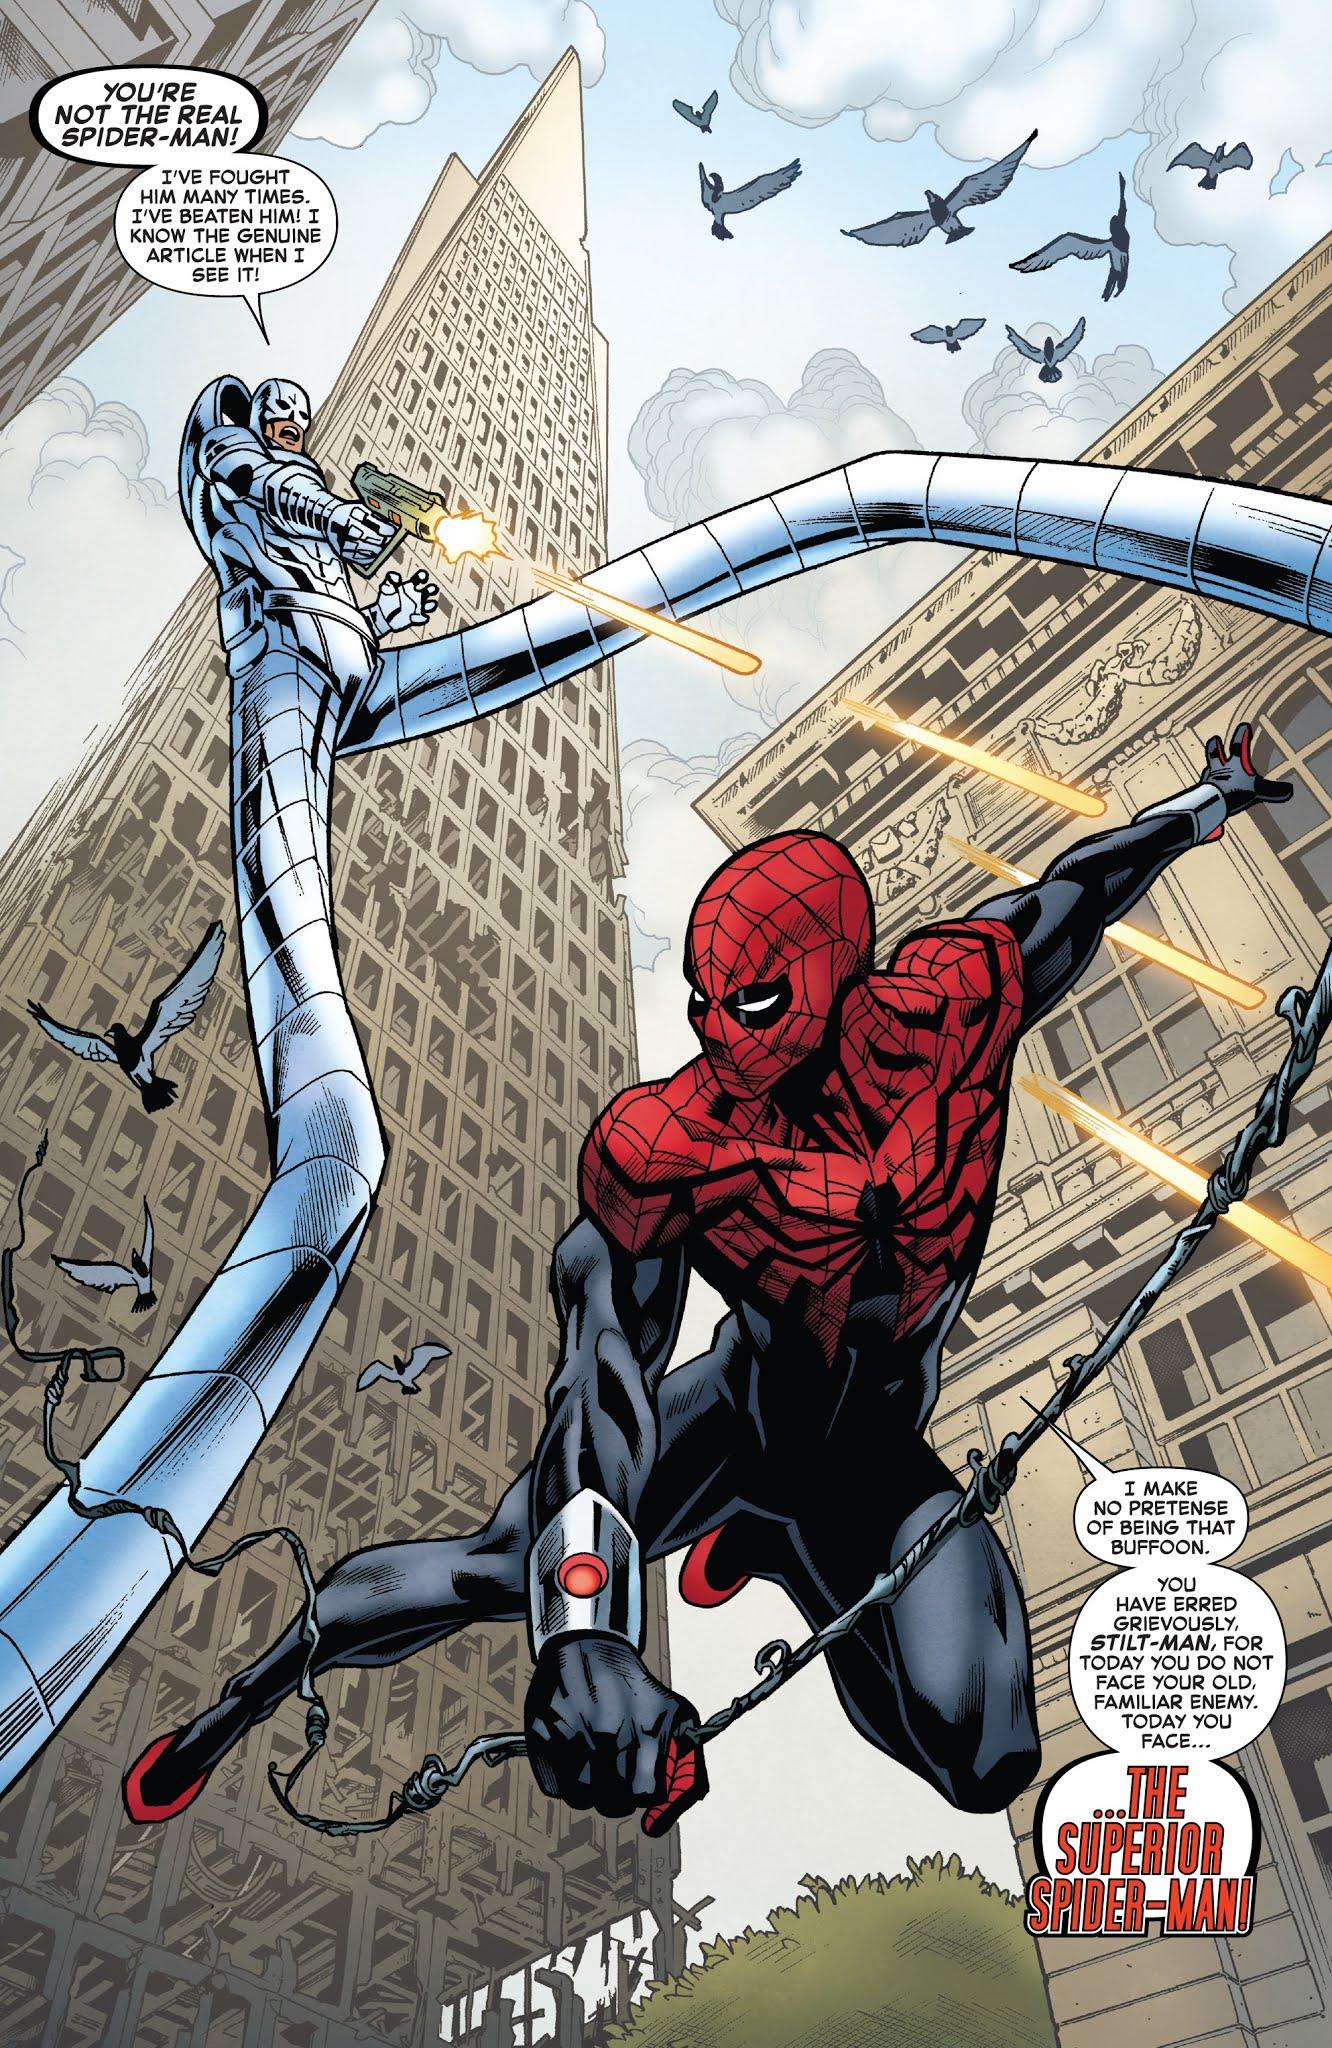 Superior Spider-Man (2019) issue 1 - Page 4